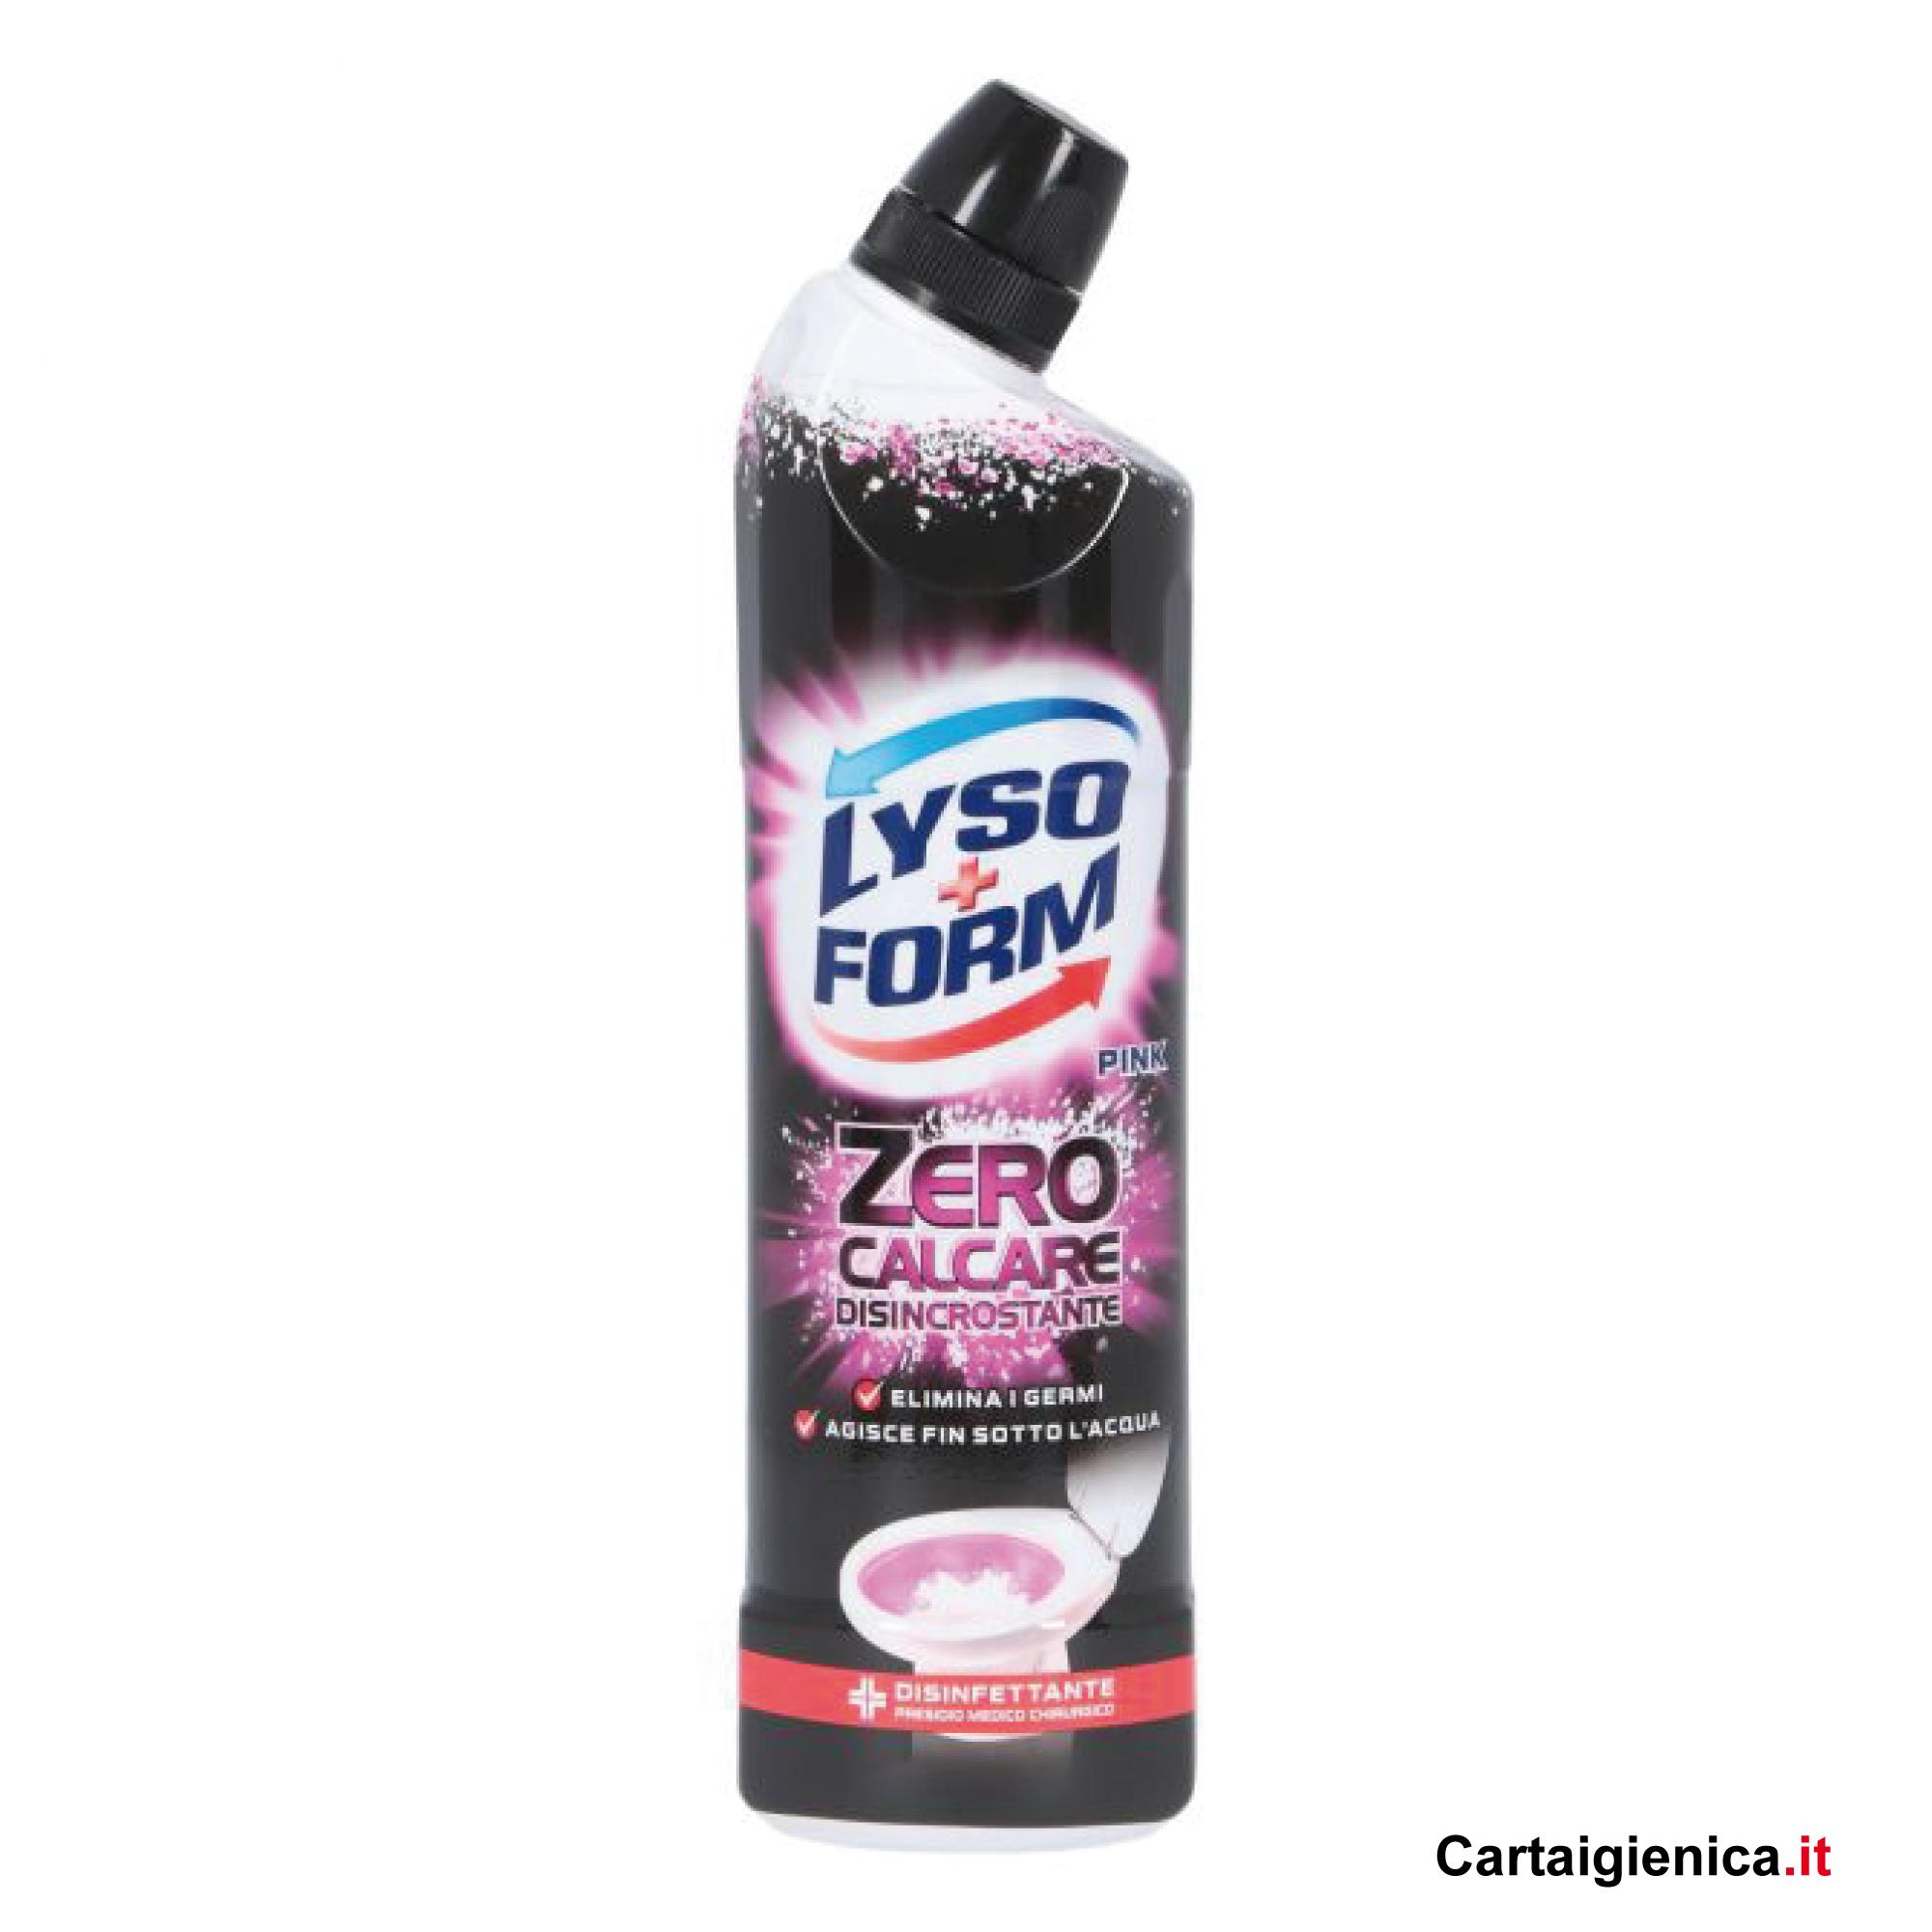 Incrostazioni Di Calcare Nel Wc lysoform zero calcare disincrostante 750 ml